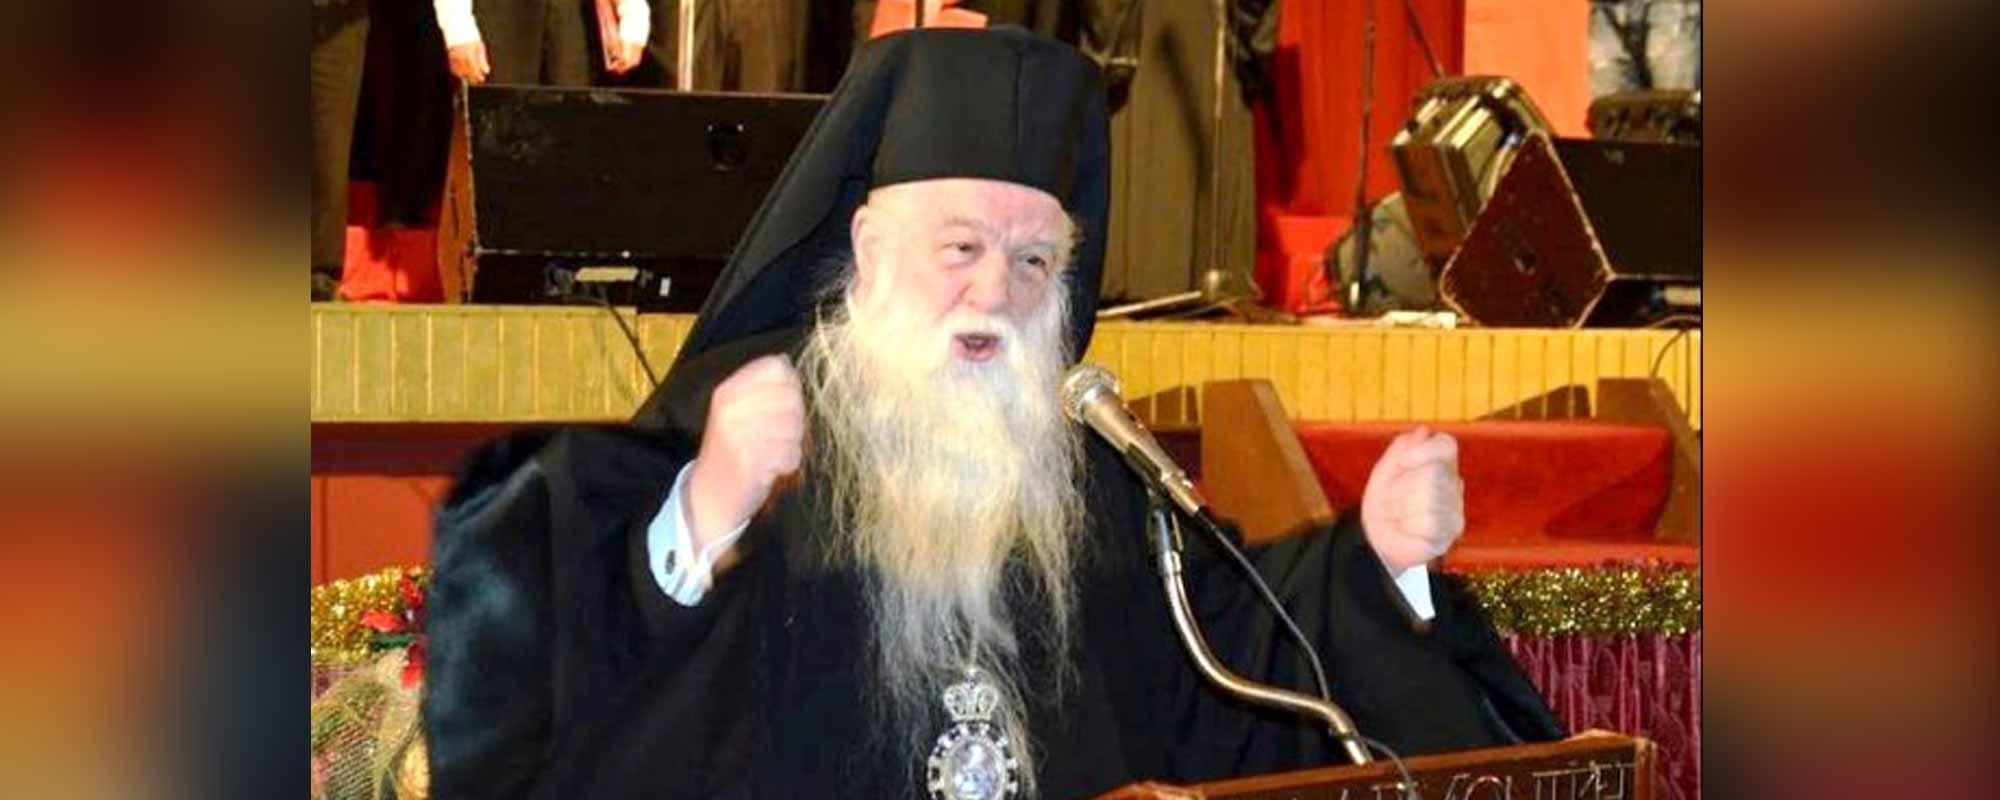 orthodoxwitness.org